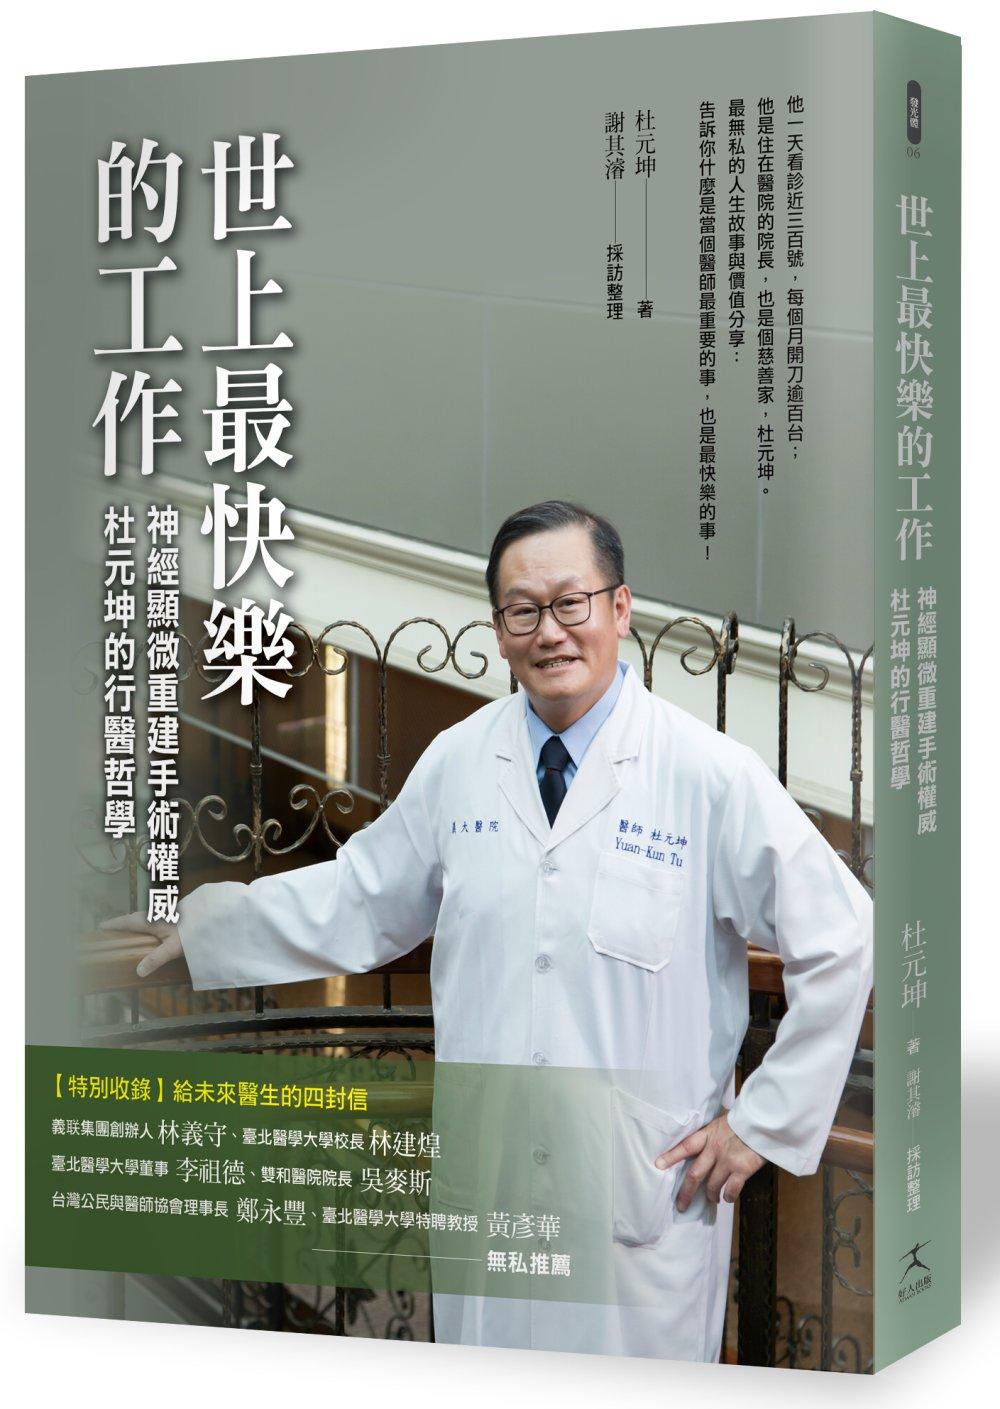 世上最快樂的工作:神經顯微重建手術權威 杜元坤的行醫哲學